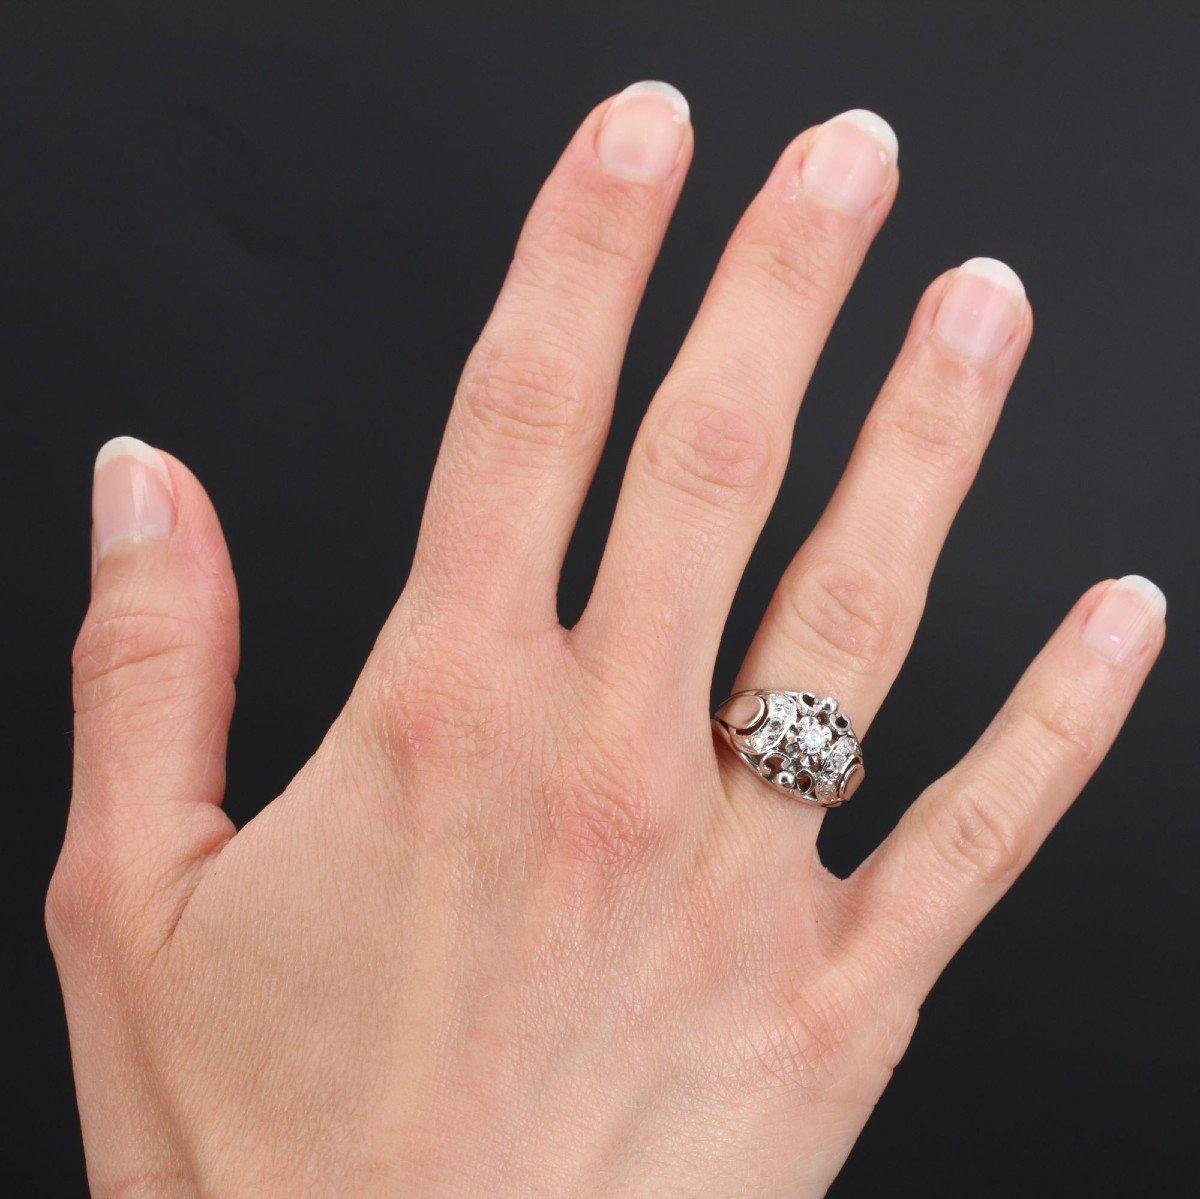 Bague Bombée Or Blanc Diamants-photo-2